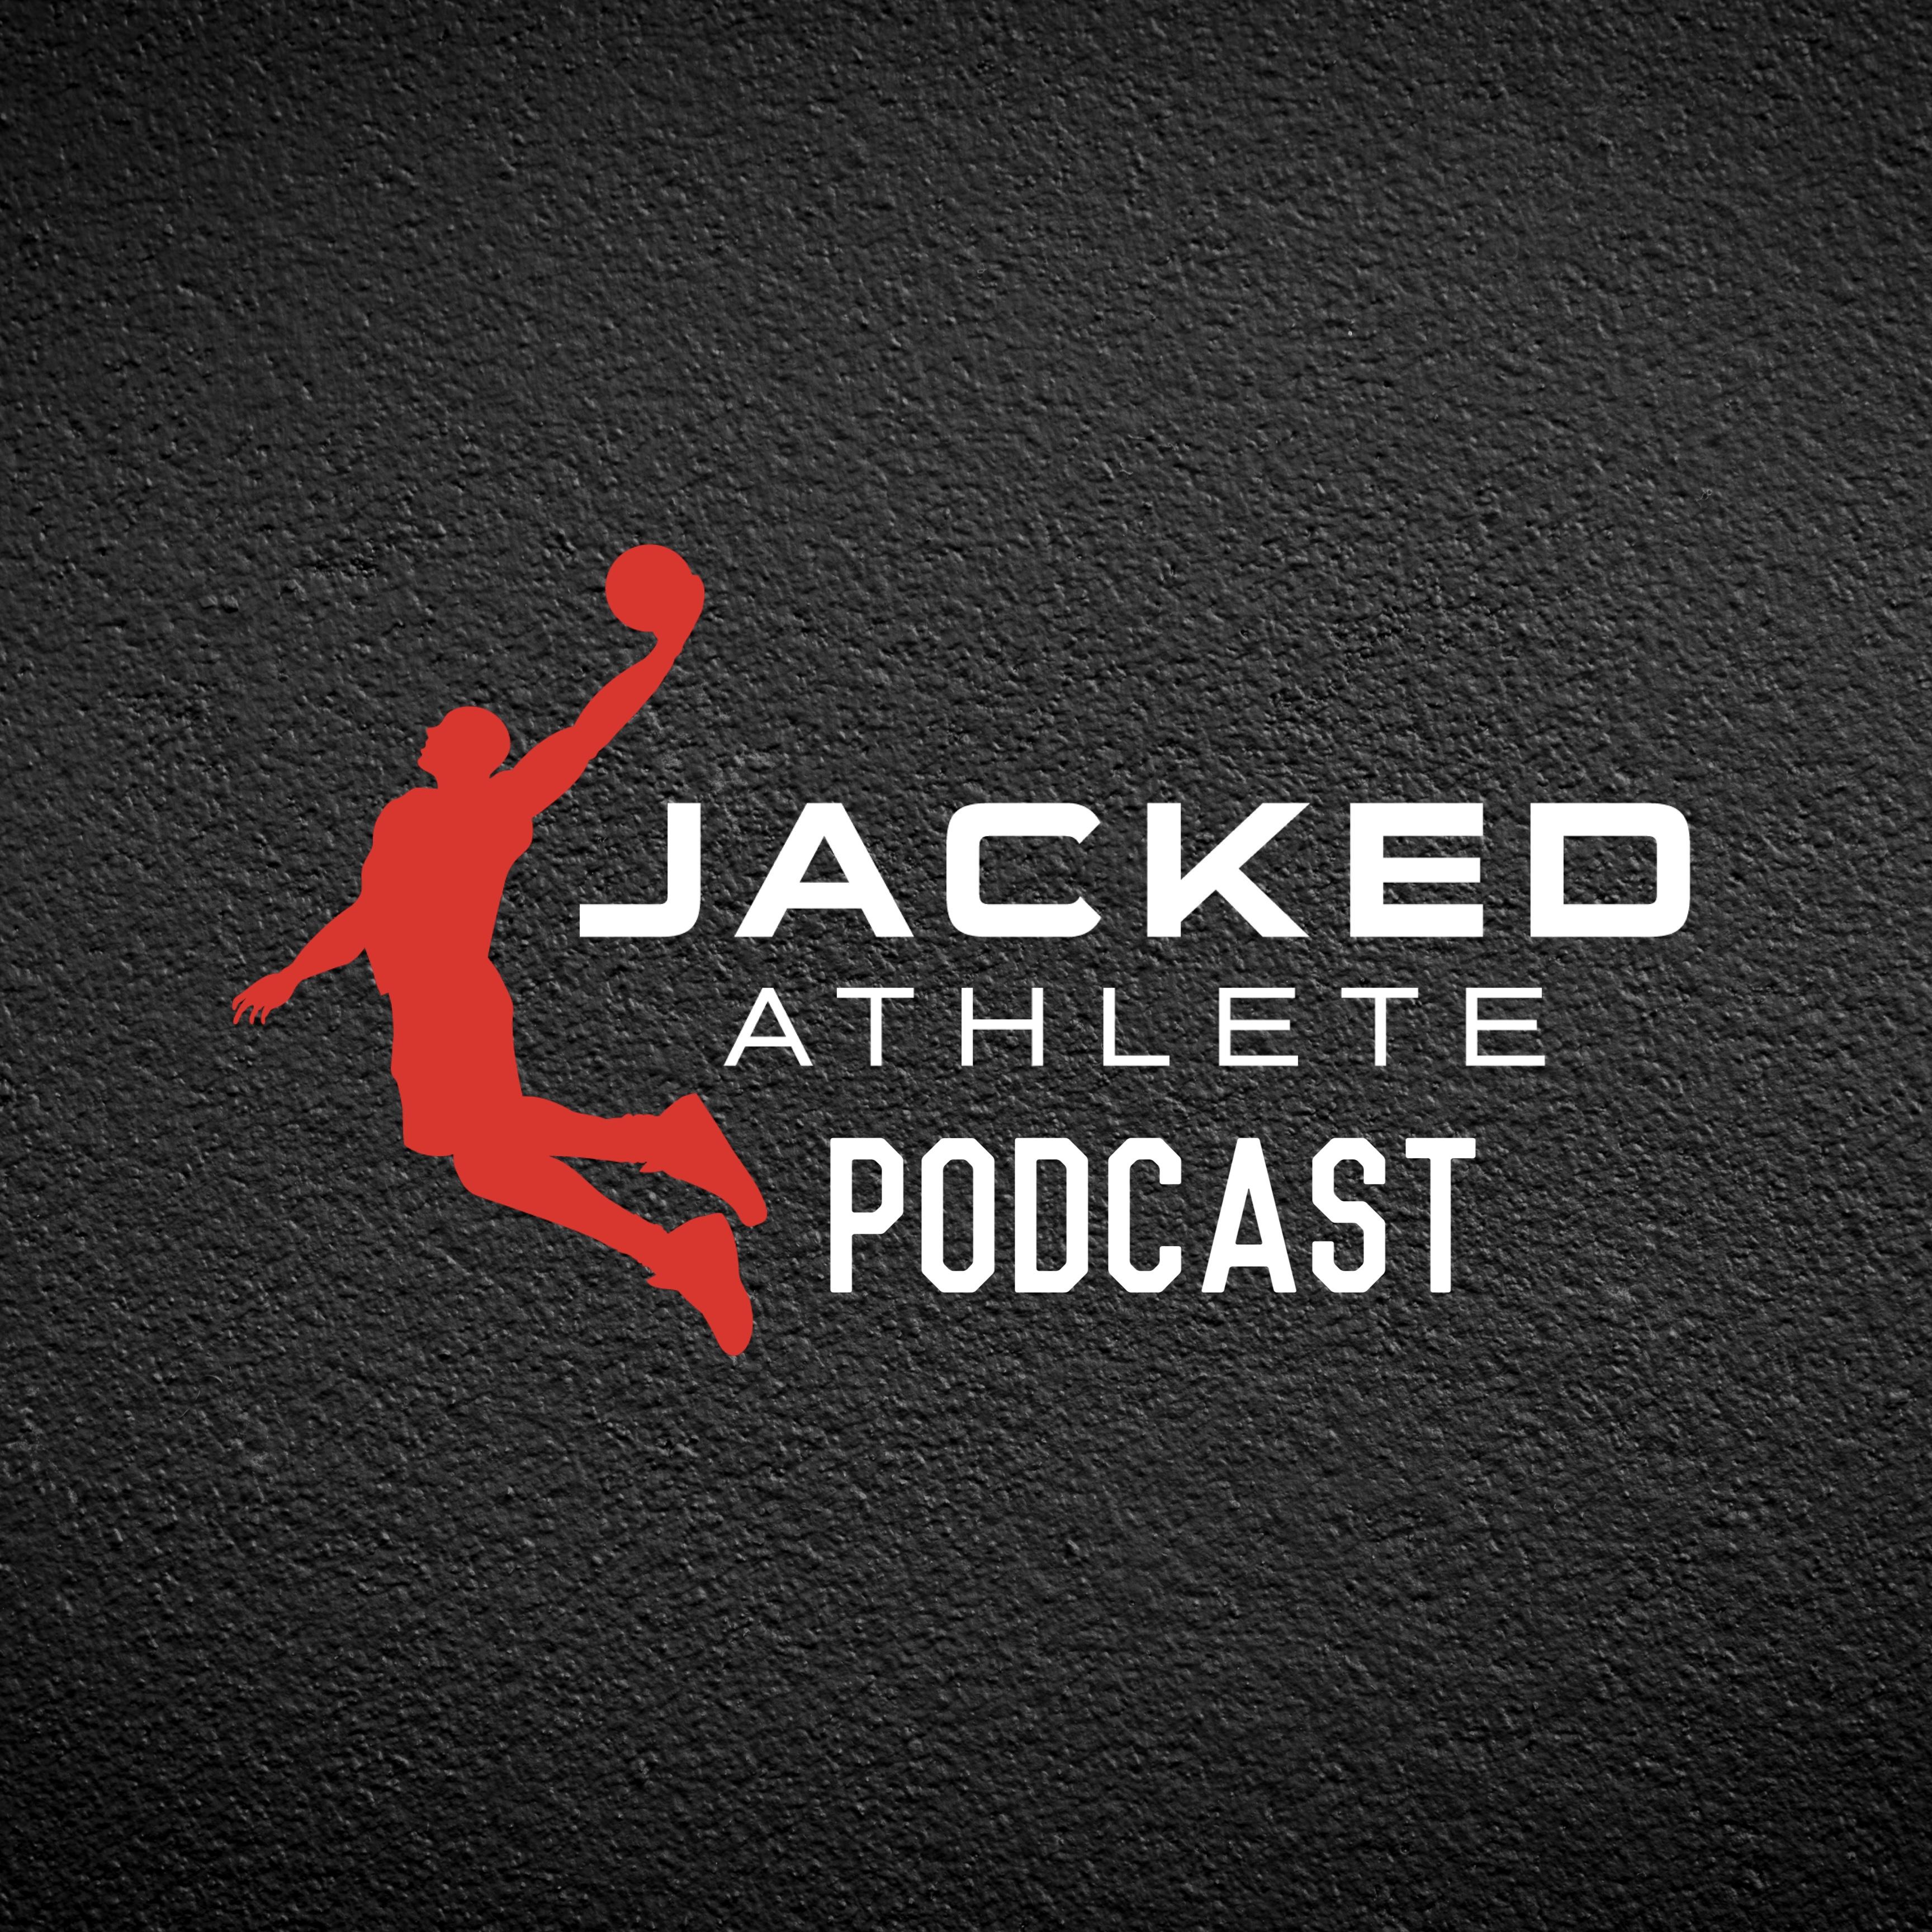 Jacked Athlete Podcast show art